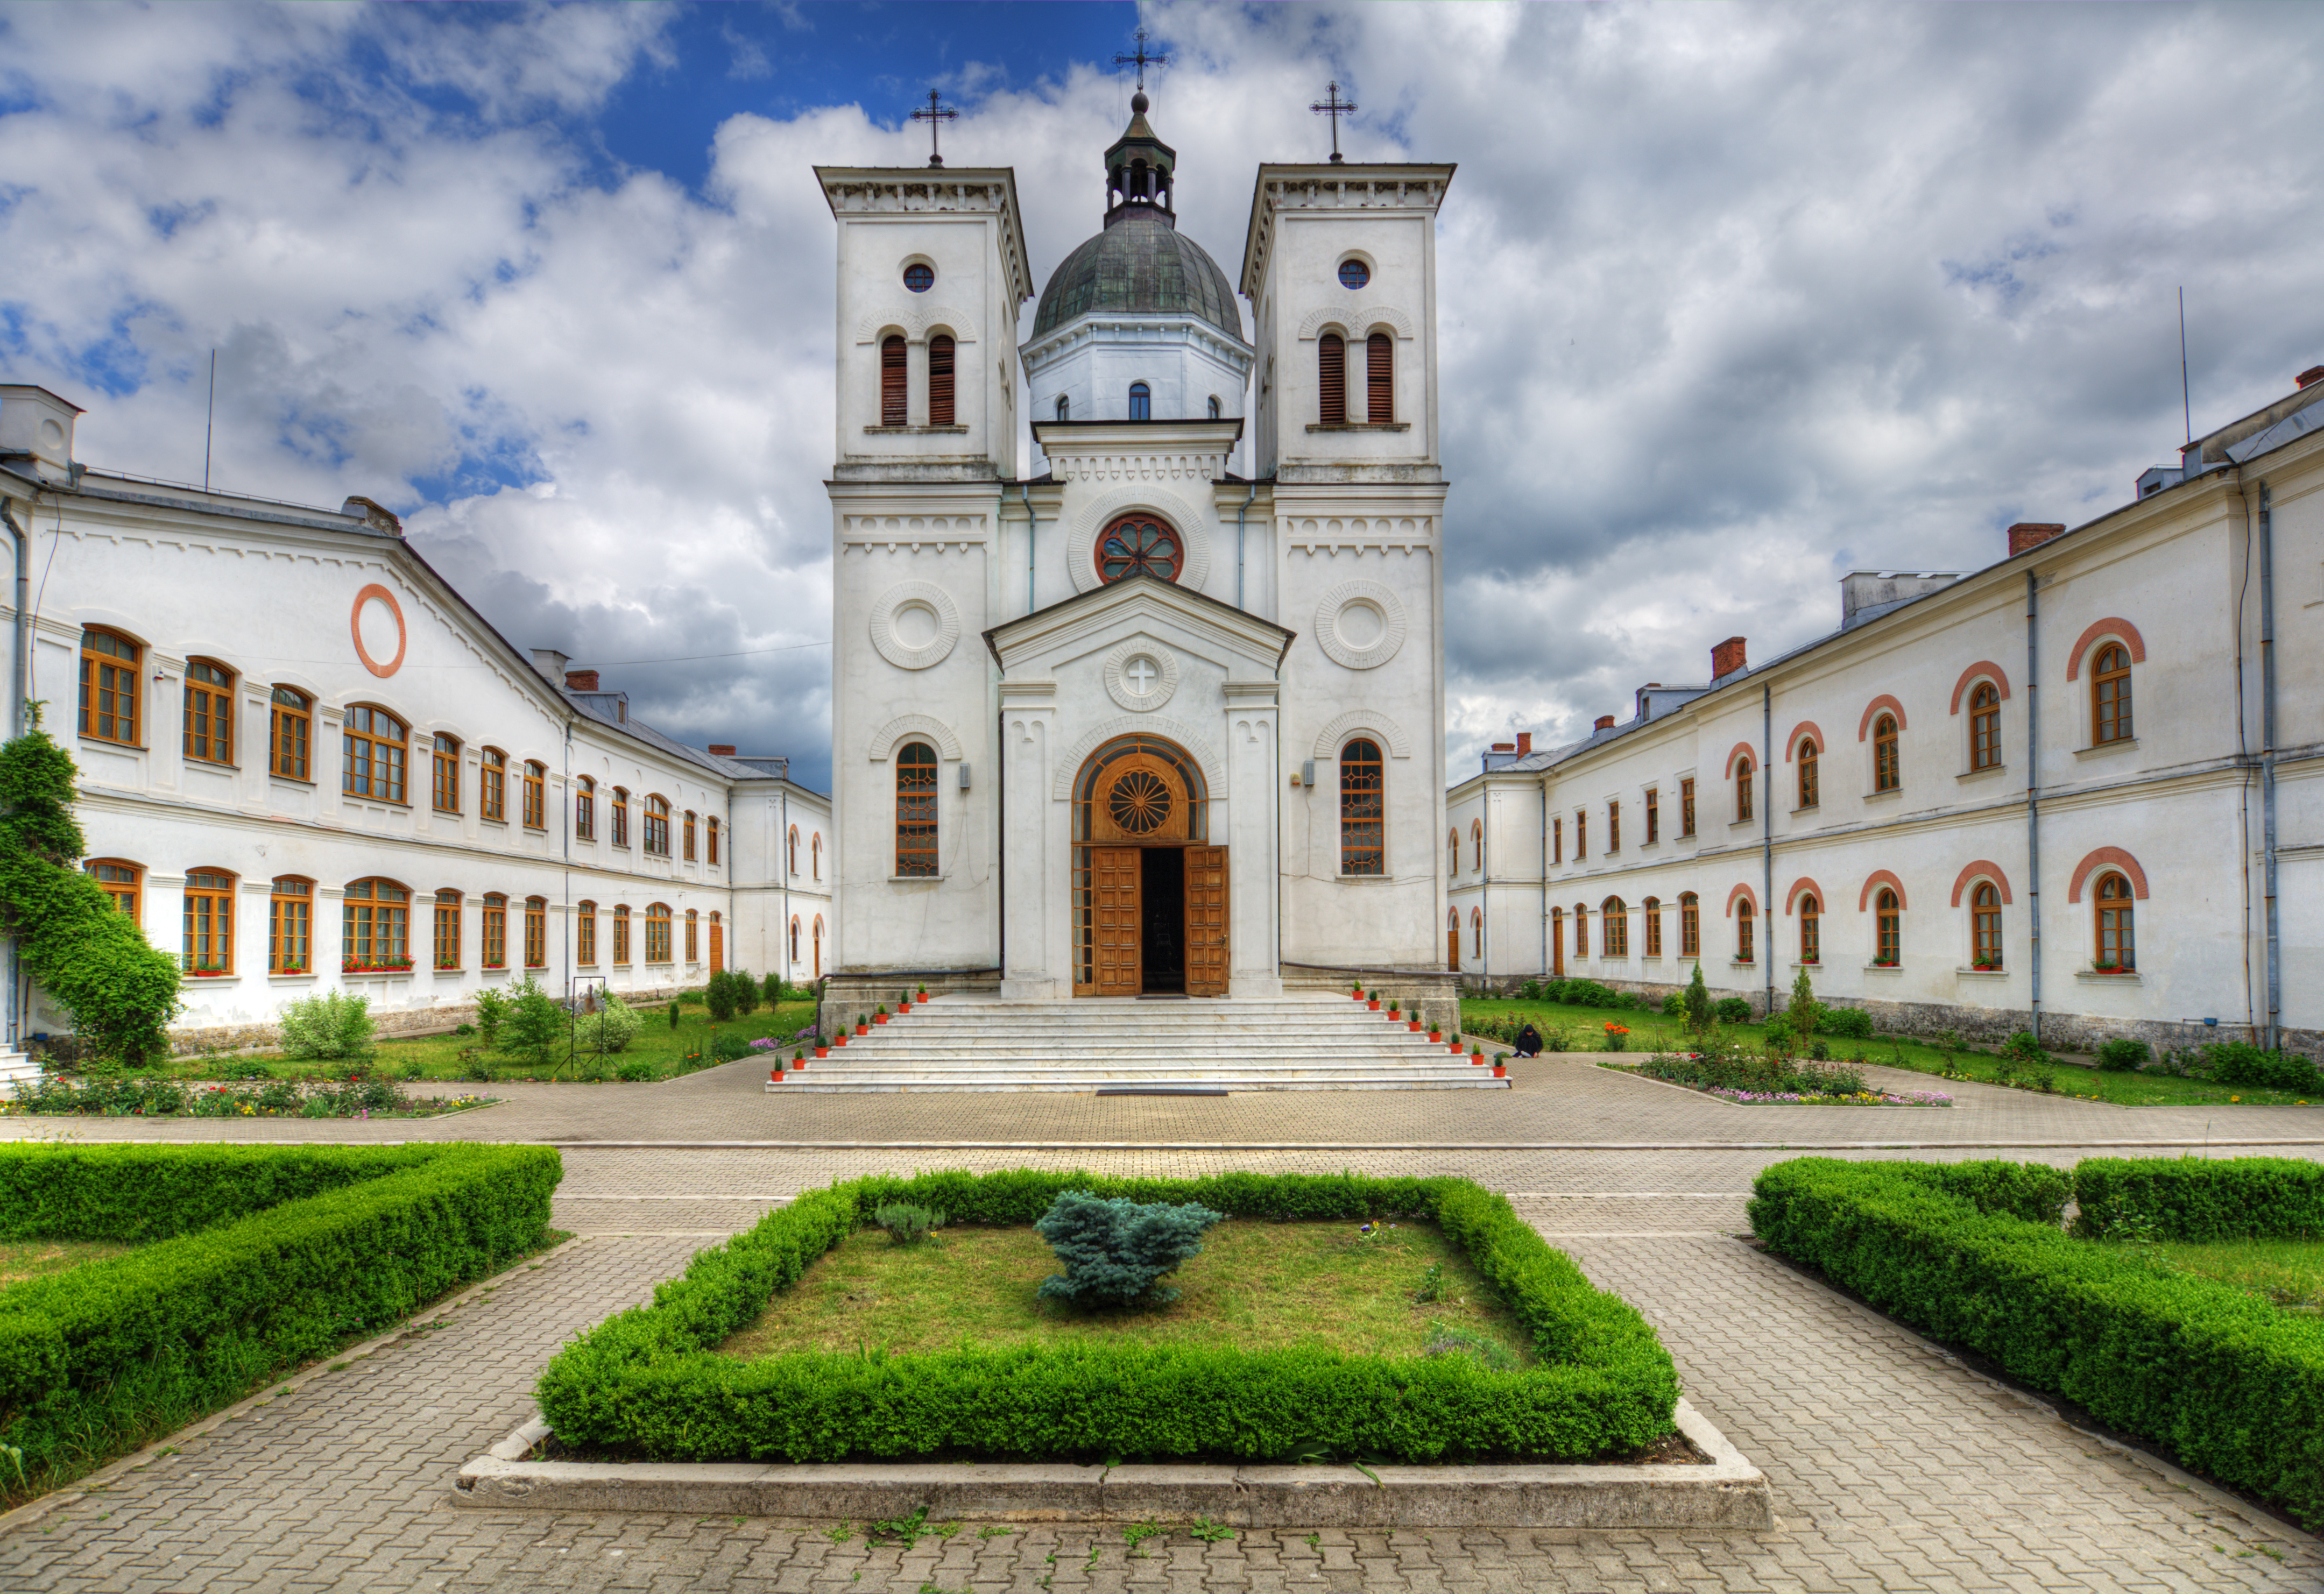 En busca del legendario Castillo de Drácula - Rumanía Circuito Rumanía Histórica